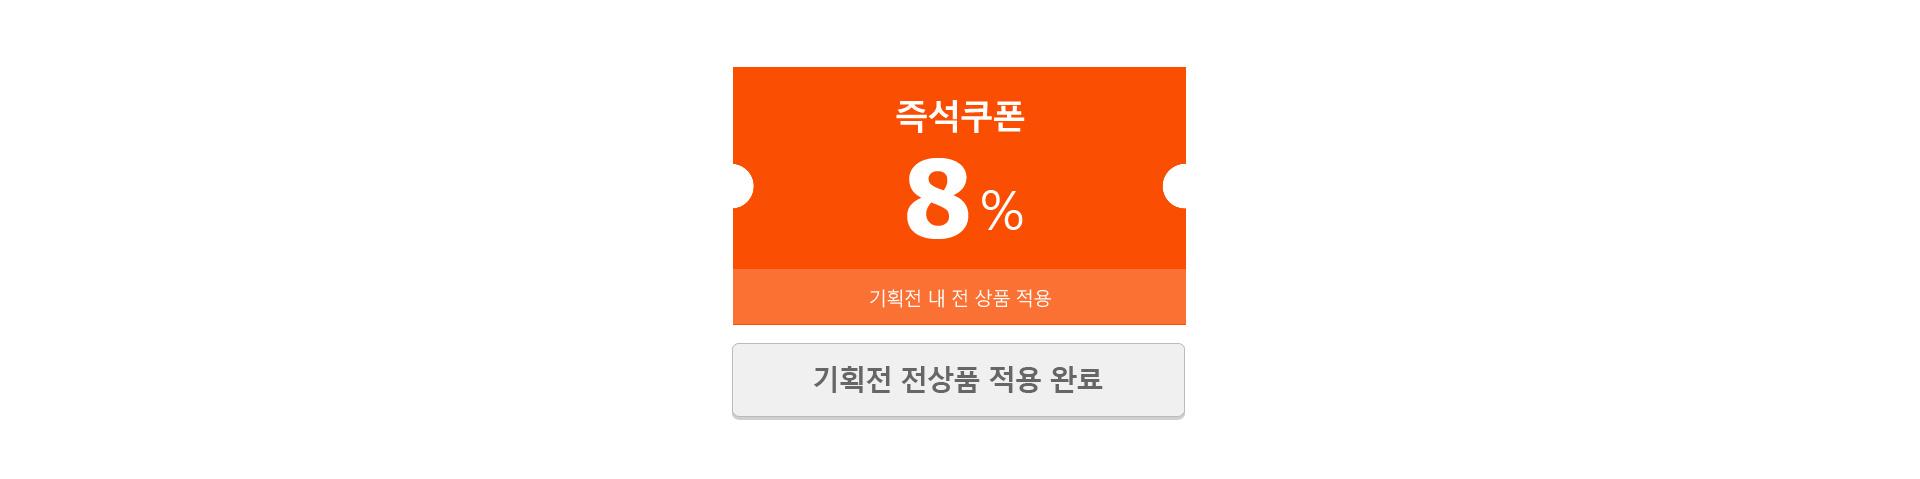 즉석쿠폰 8% 기획전 내 전 상품 적용 완료